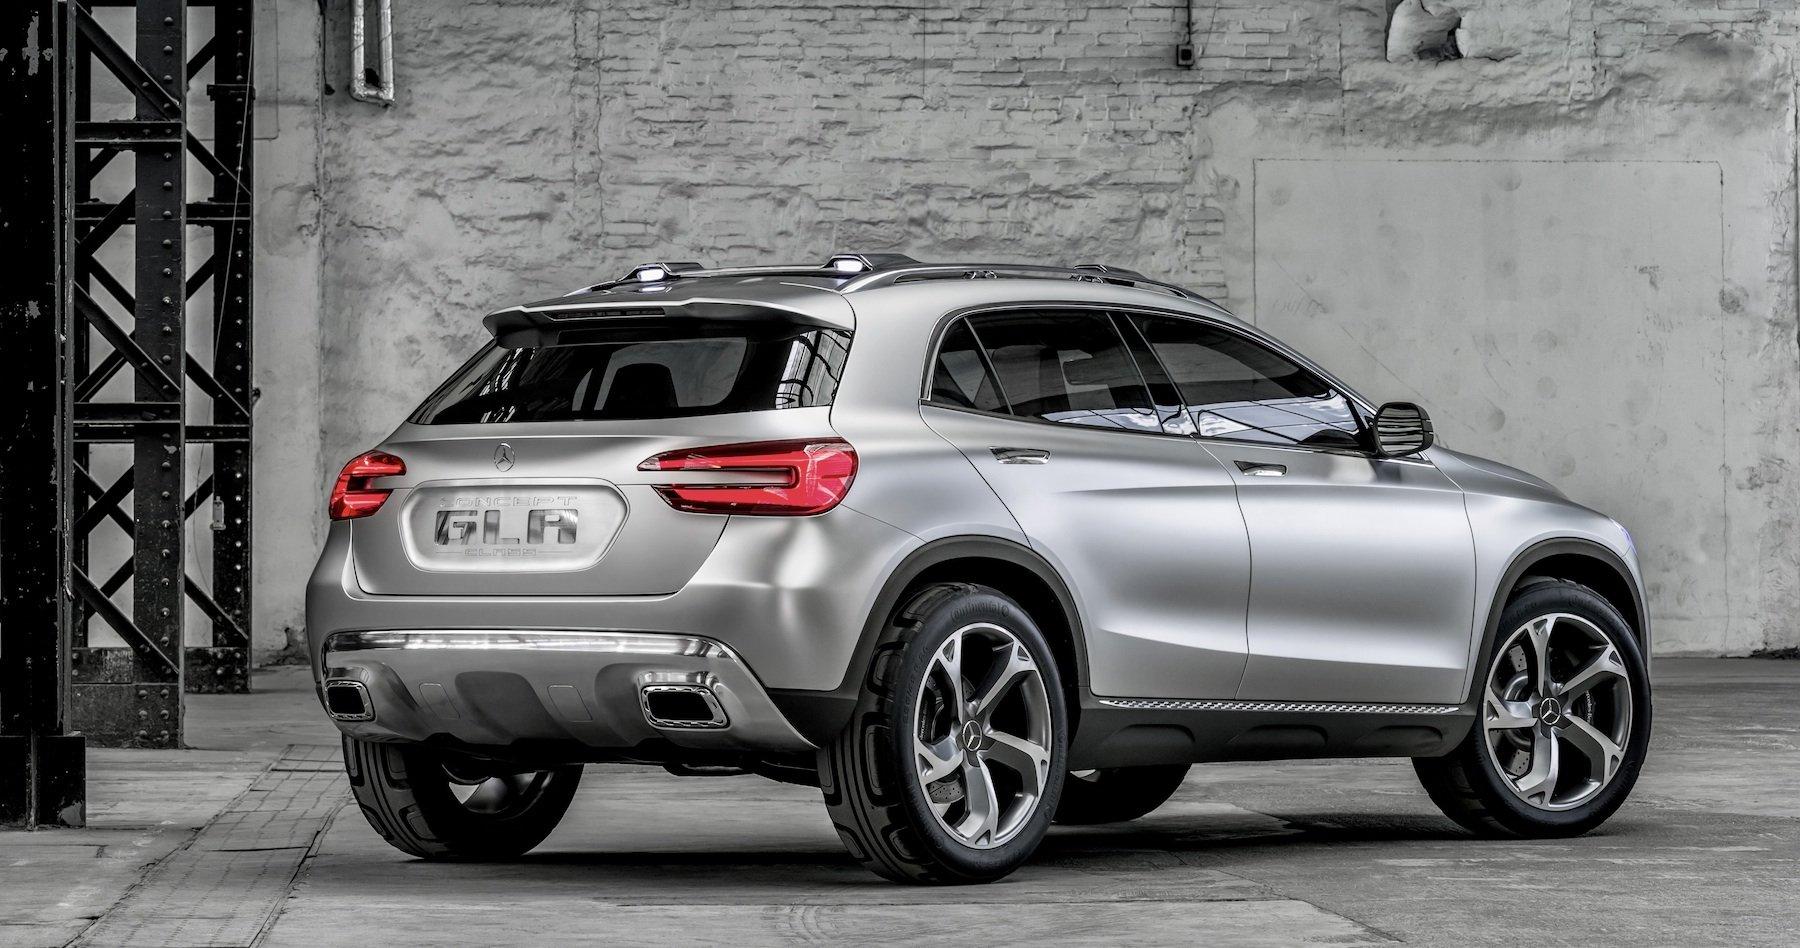 Mercedes-Benz начал тестовые испытания обновленного кроссовера GLA